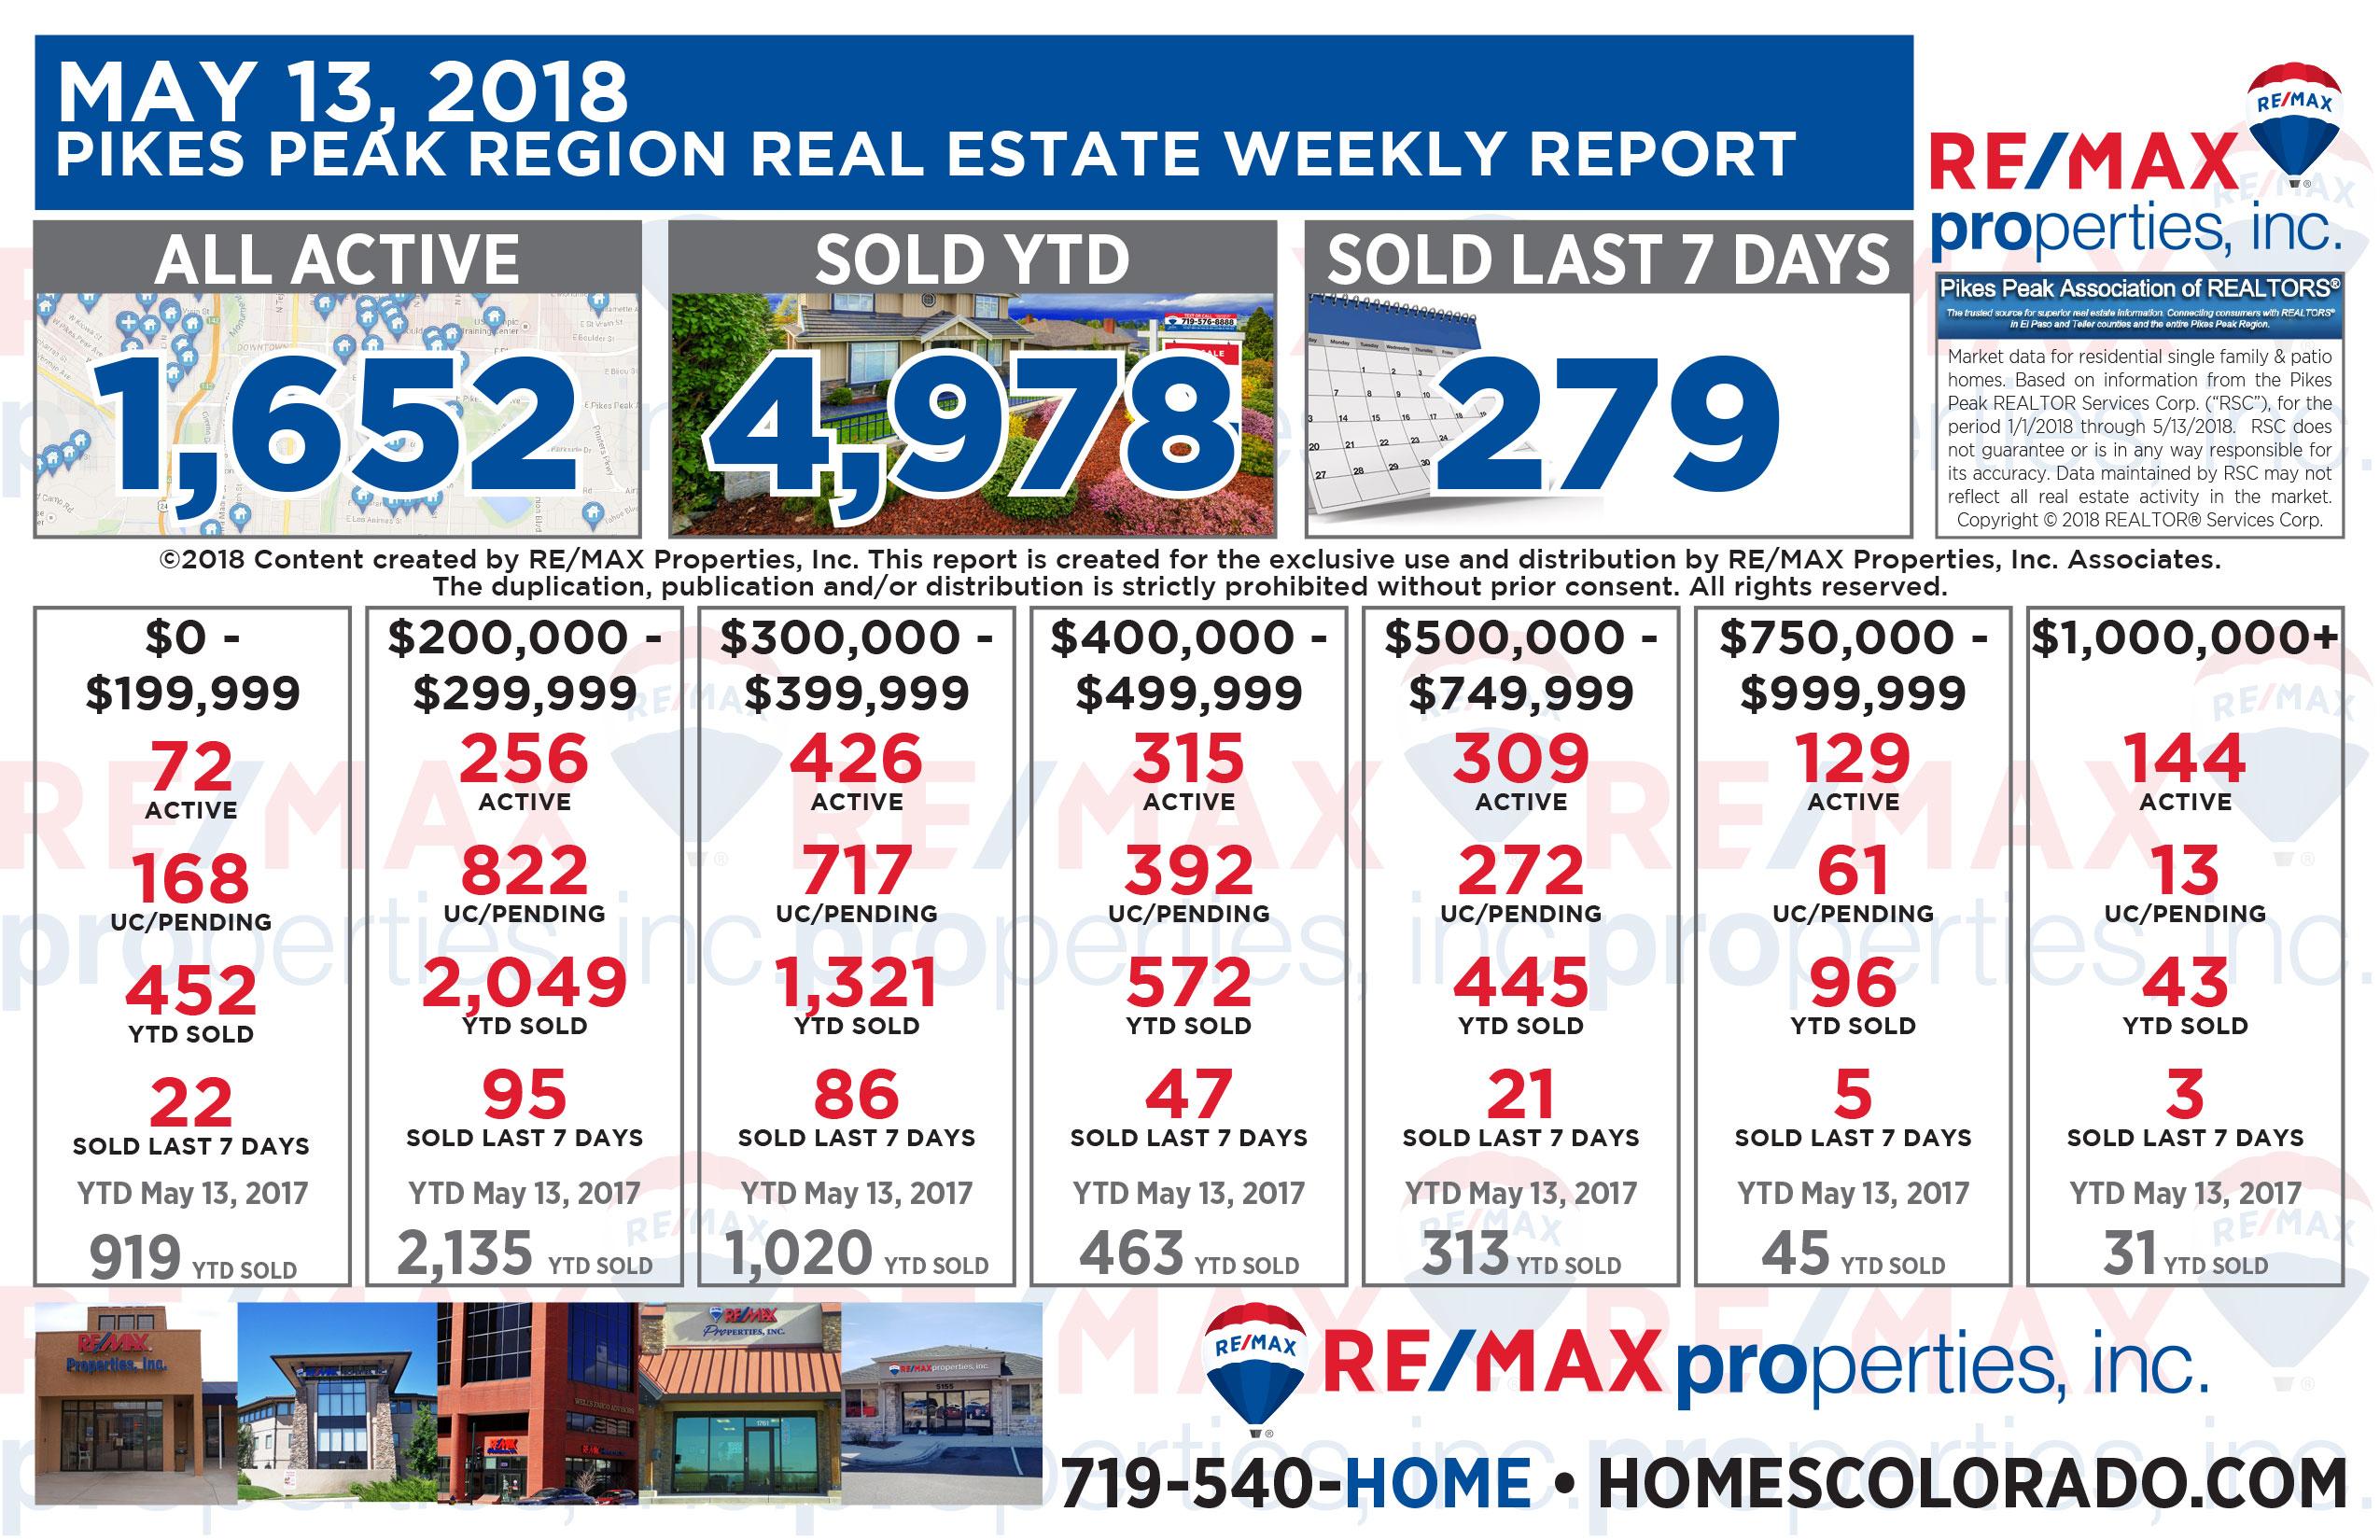 Colorado Springs Real Estate Market Weekly Update - May 13, 2018